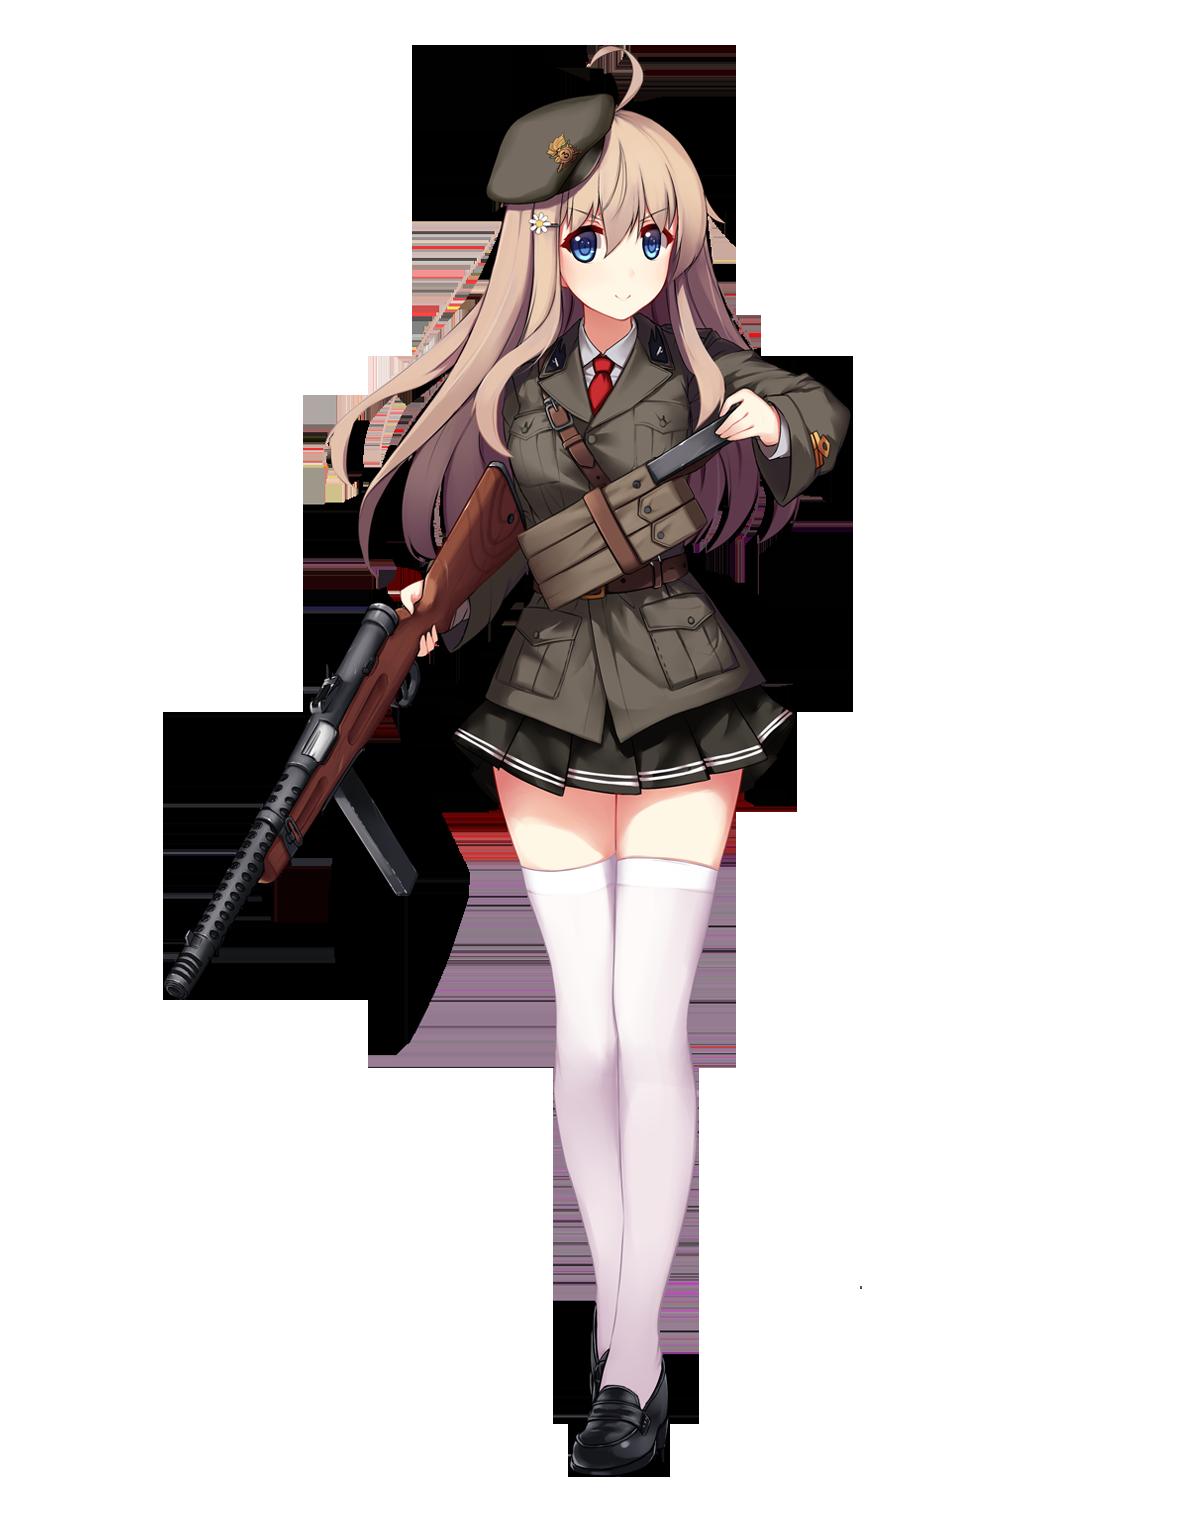 Pin on Anime Girls (Girls n Guns)